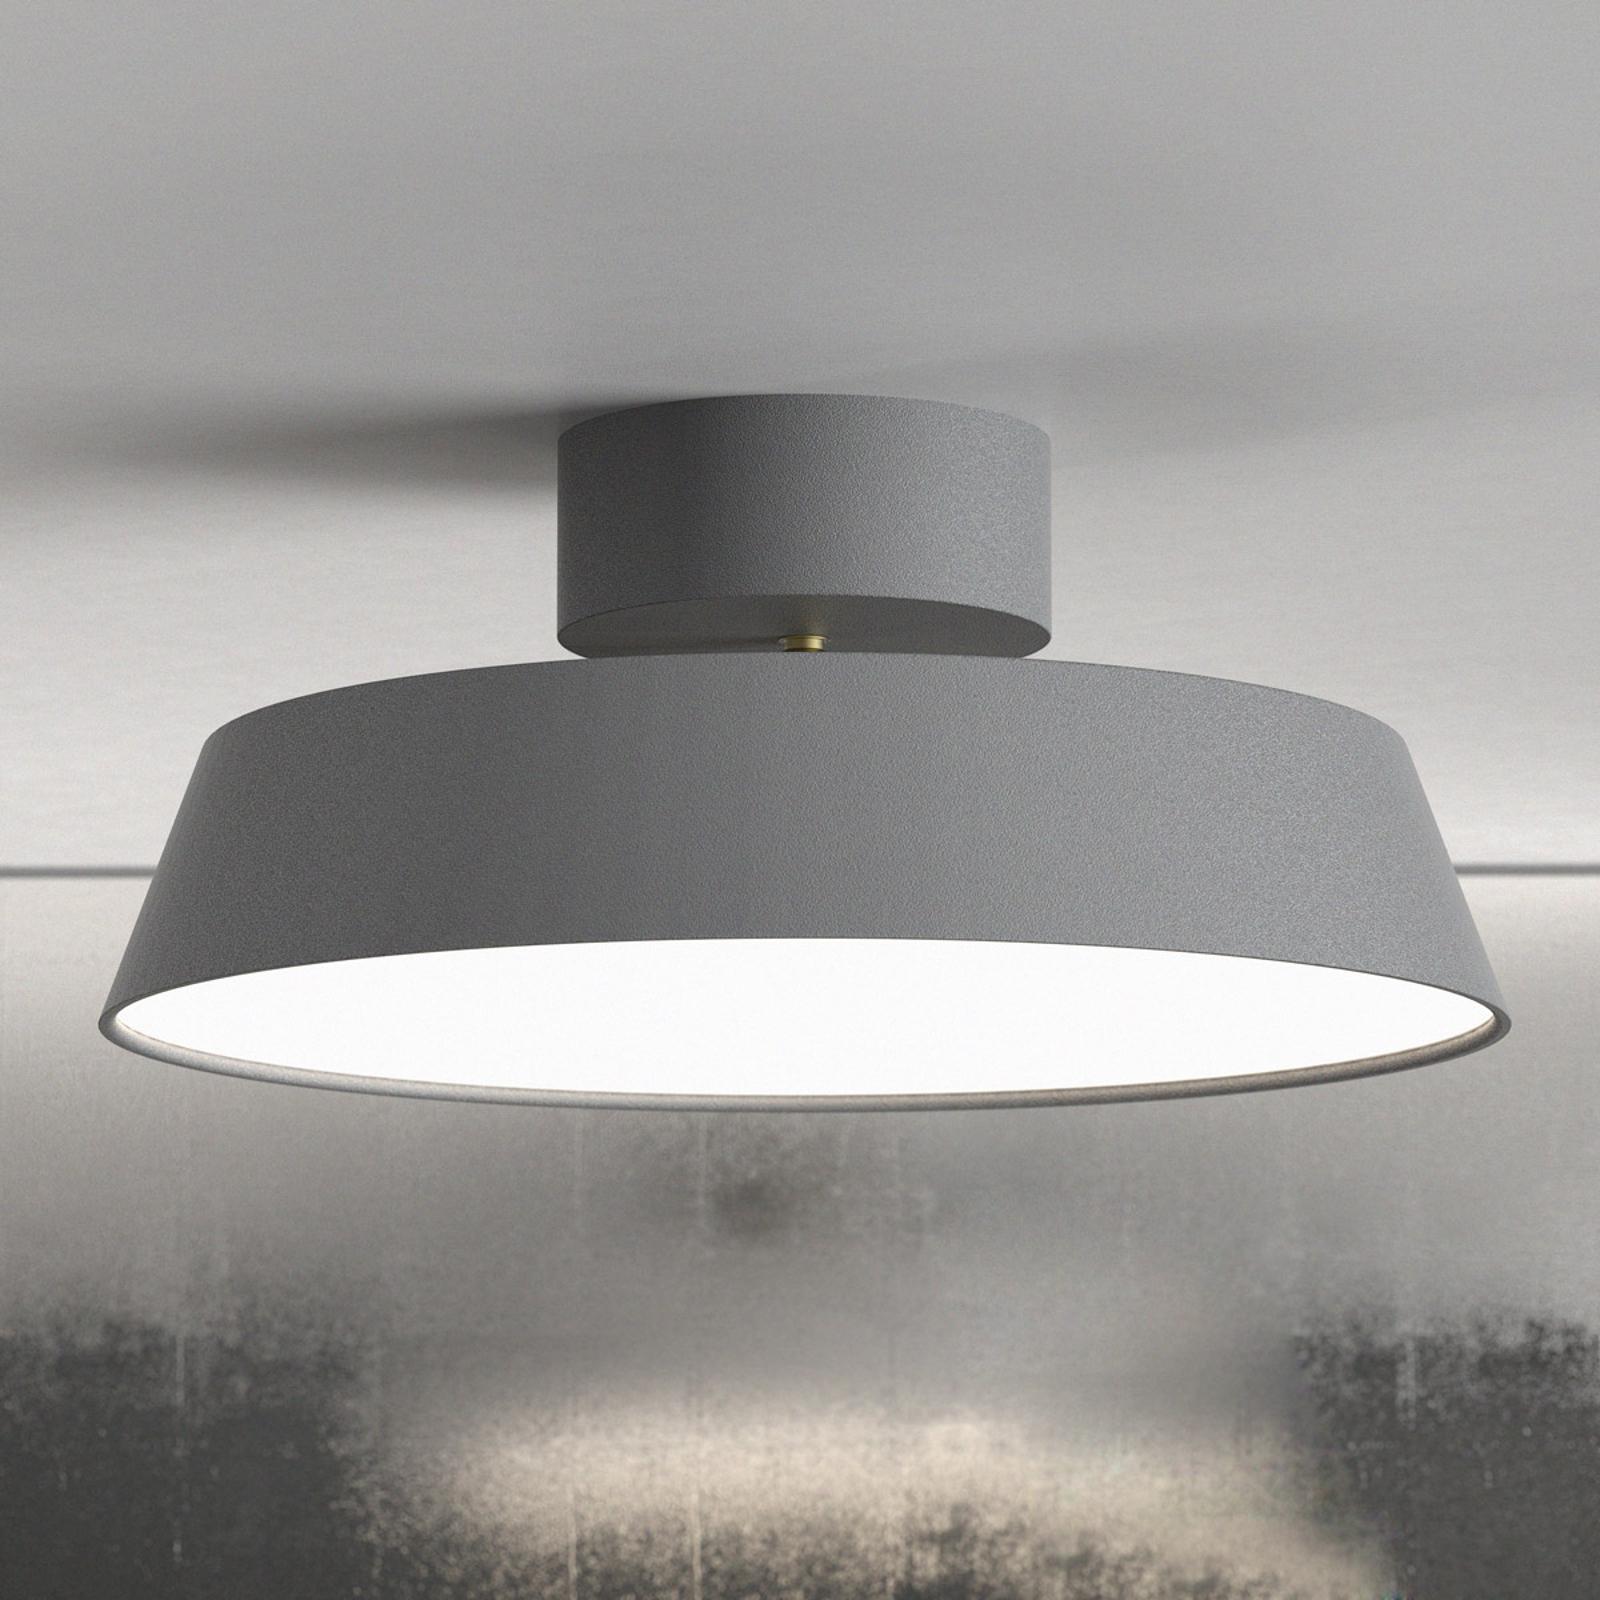 Lampa sufitowa LED Alba, obrotowa szara ściemniana